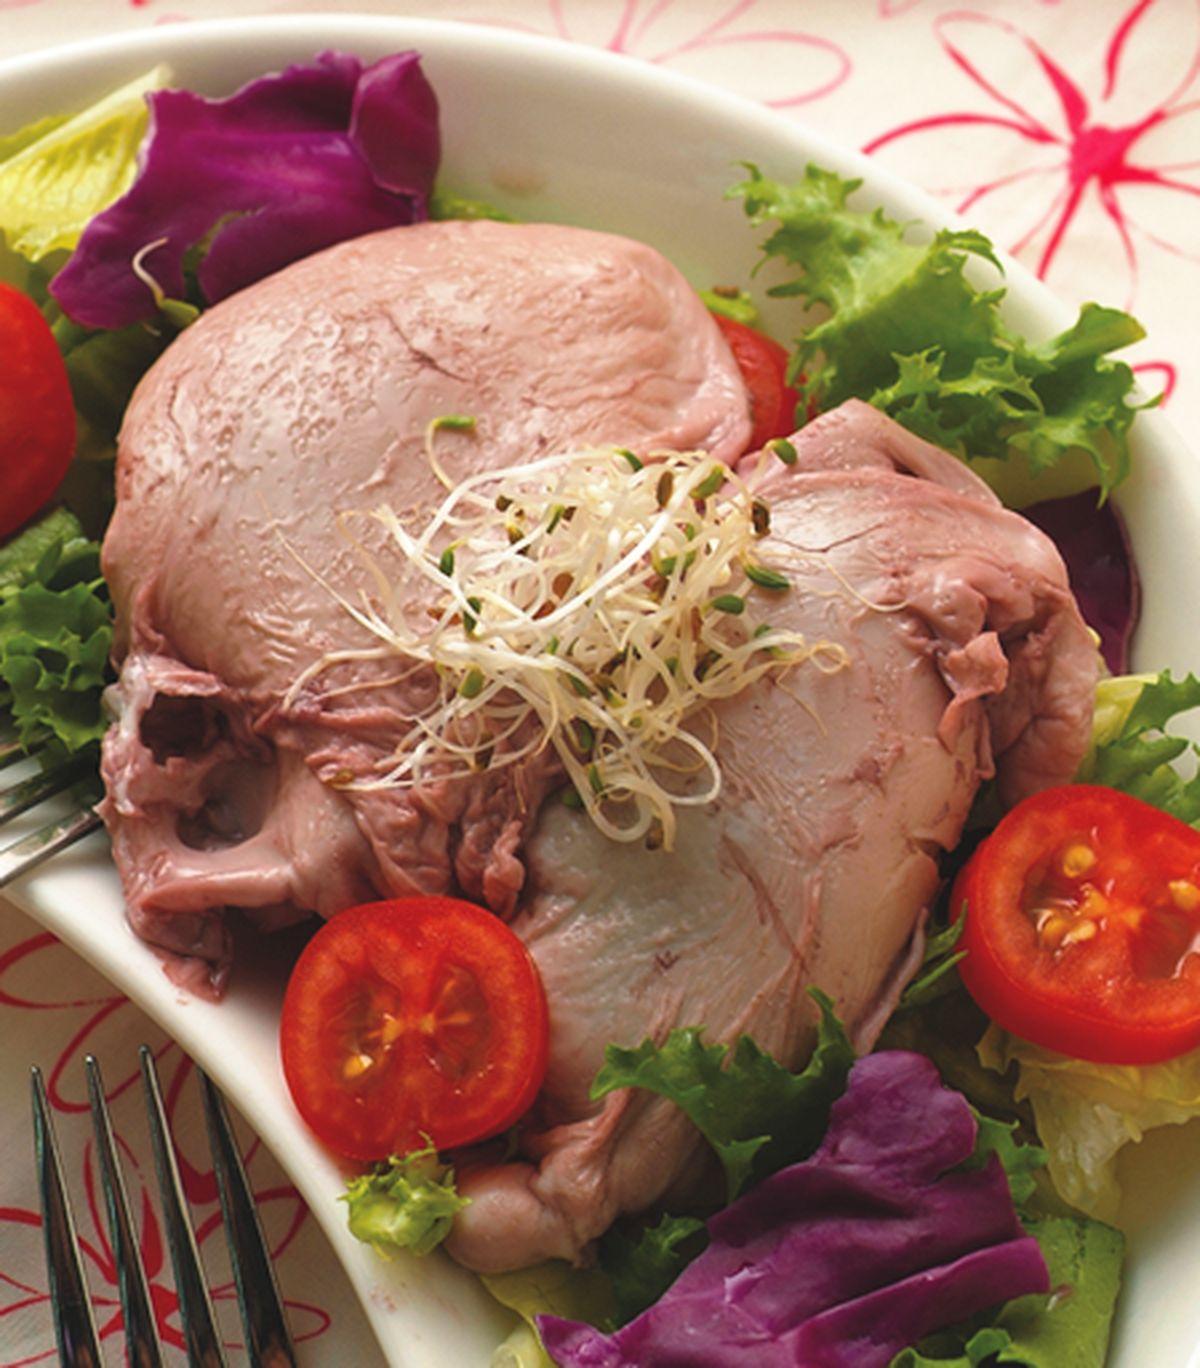 食譜:法式紅酒水波蛋沙拉